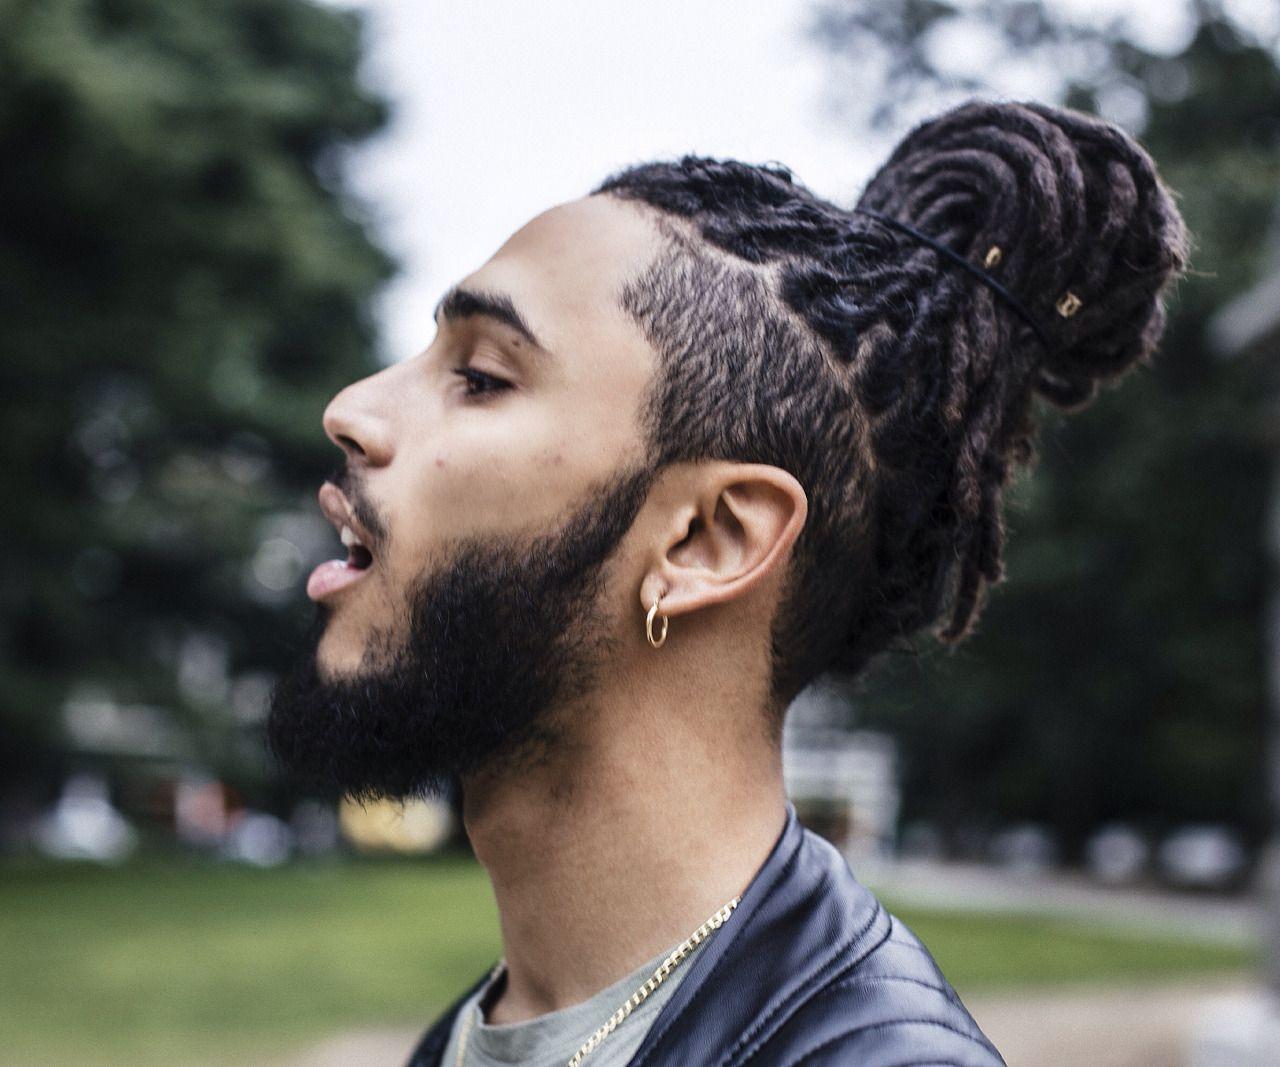 Boy hairstyle long on top kɑıℓıƗʘʘkuƗe u  locd  pinterest  locs dreads and haircuts